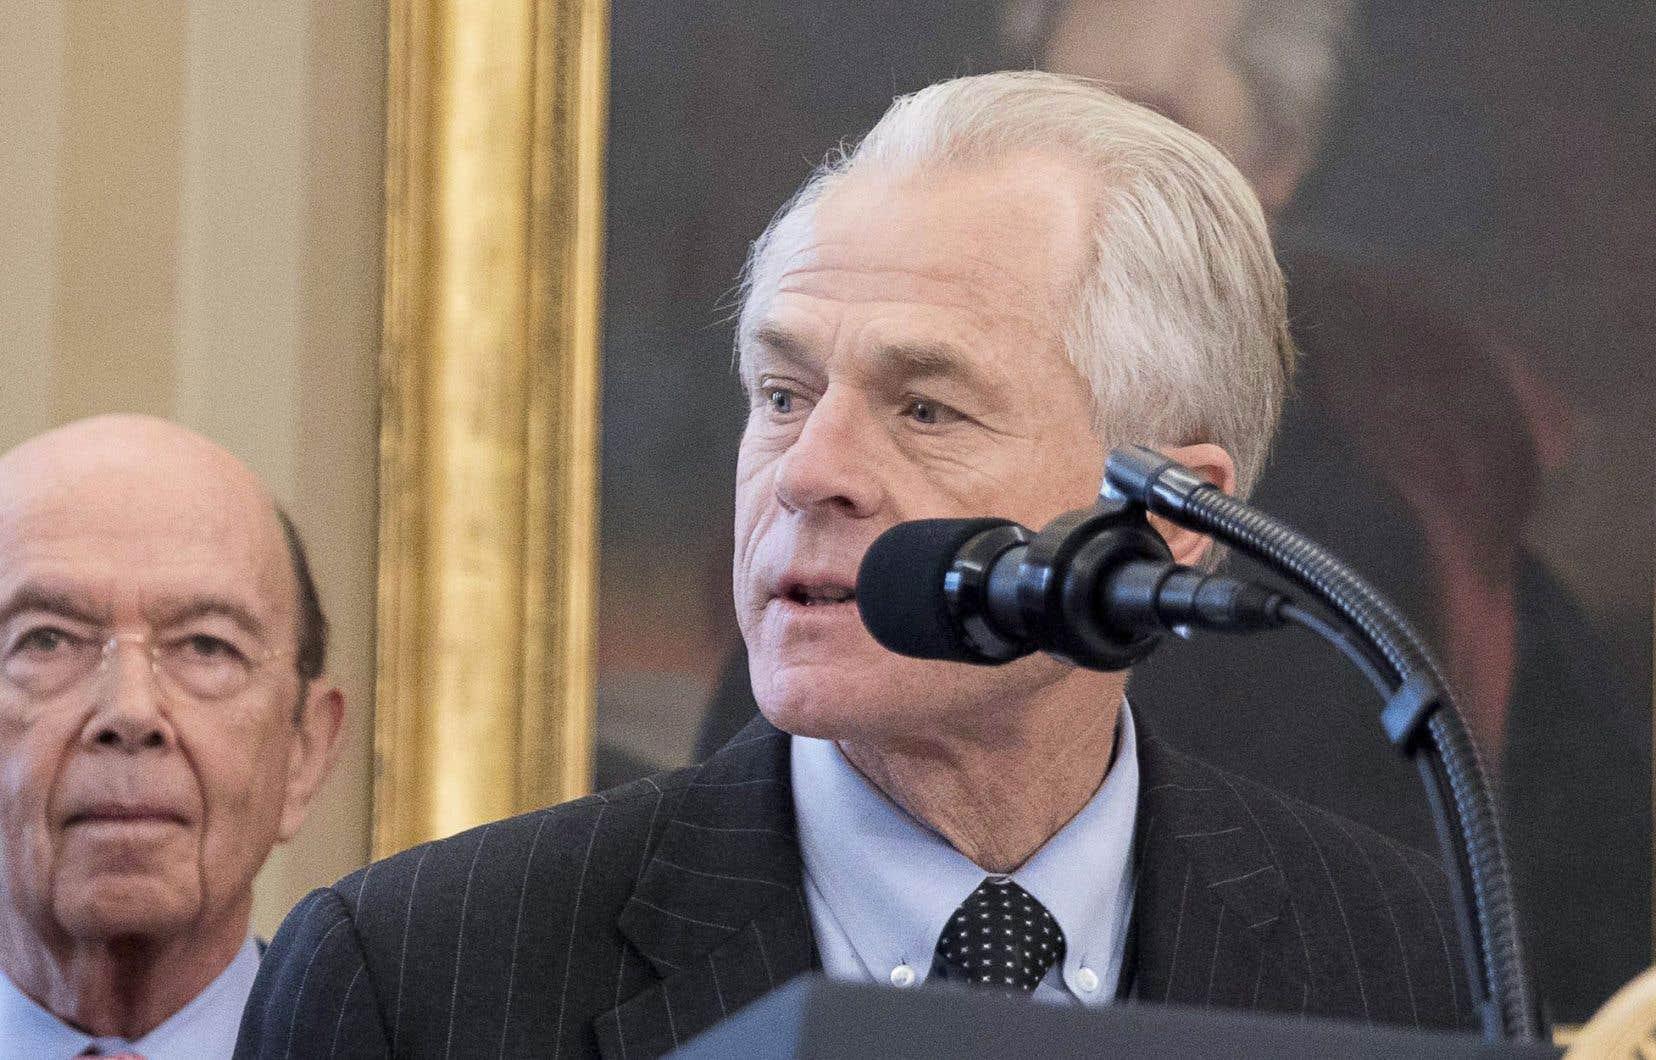 Selon le responsable du commerce à la Maison-Blanche, Peter Navarro, établir une exception pour un pays créerait une pente glissante.